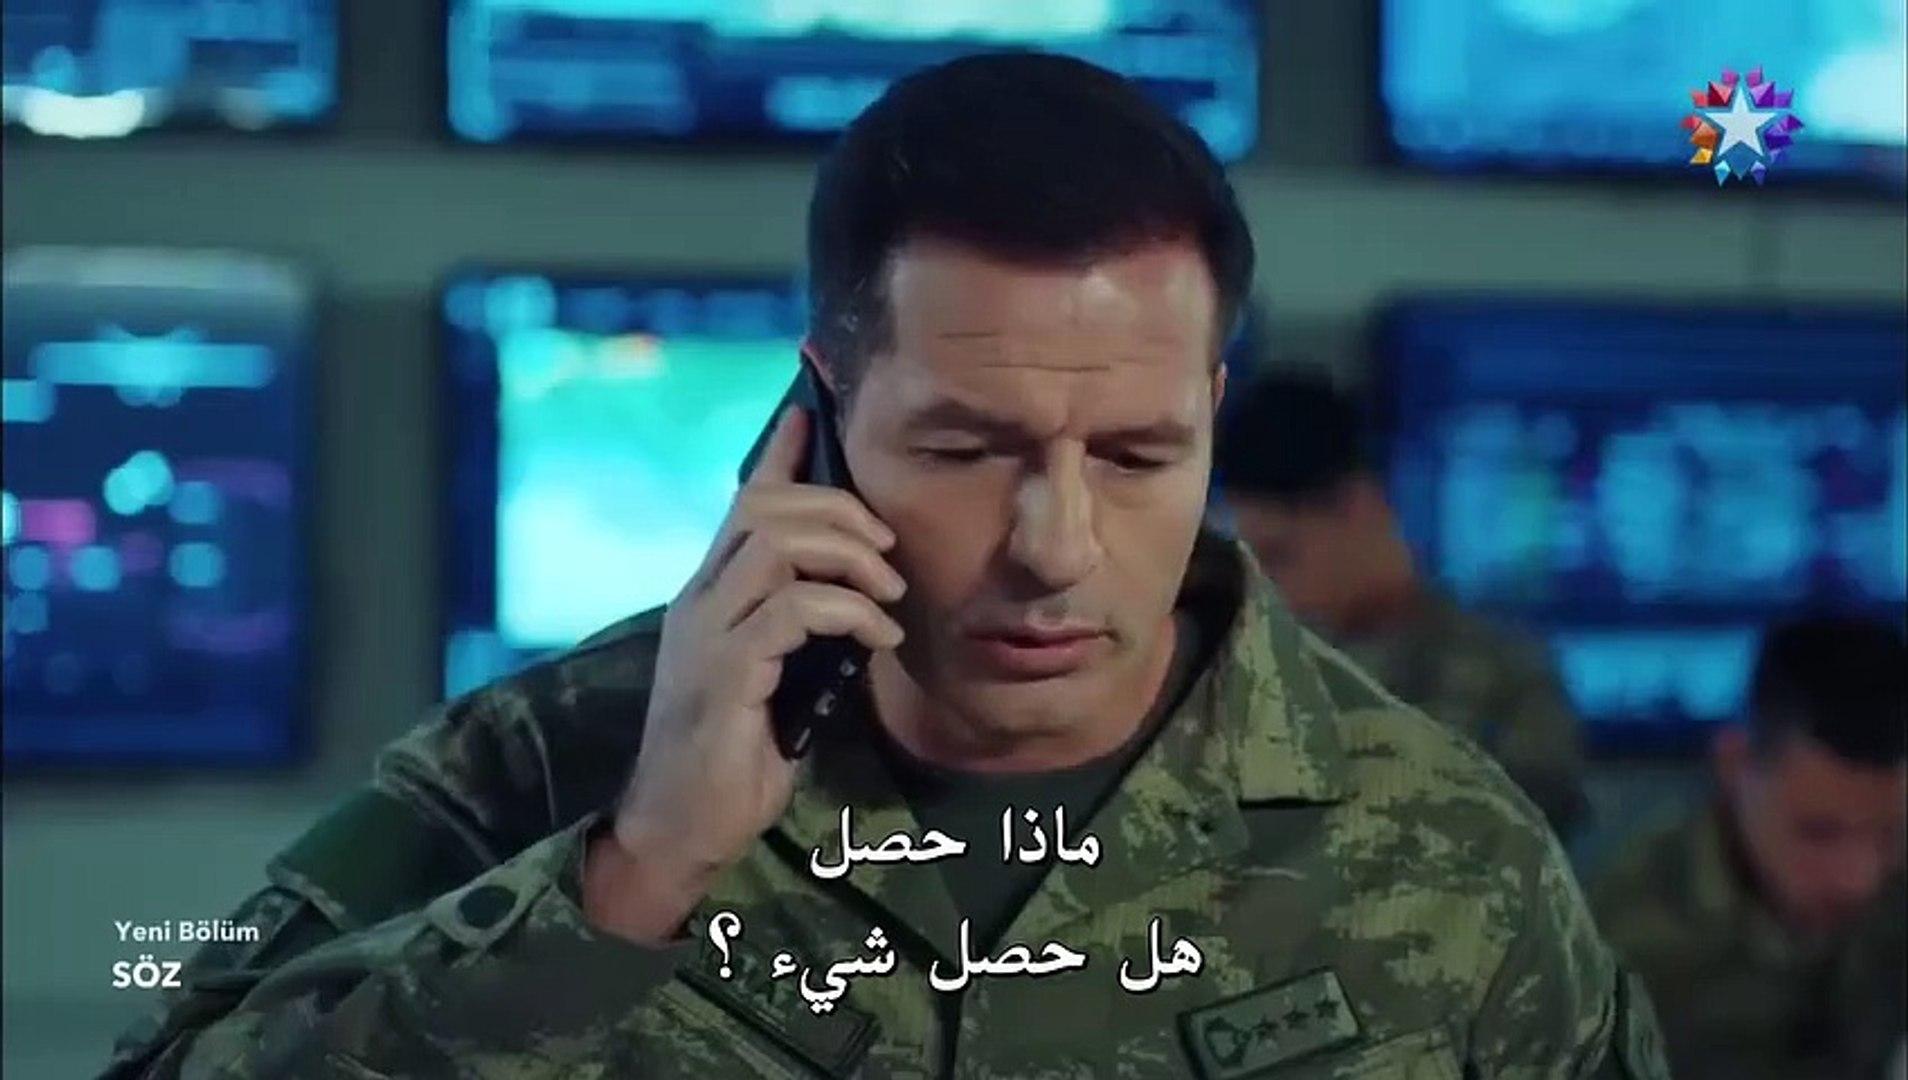 مسلسل العهد الجزء الموسم الثالث 3 الحلقة 11 القسم 1 مترجم للعربية قصة عشق اكسترا